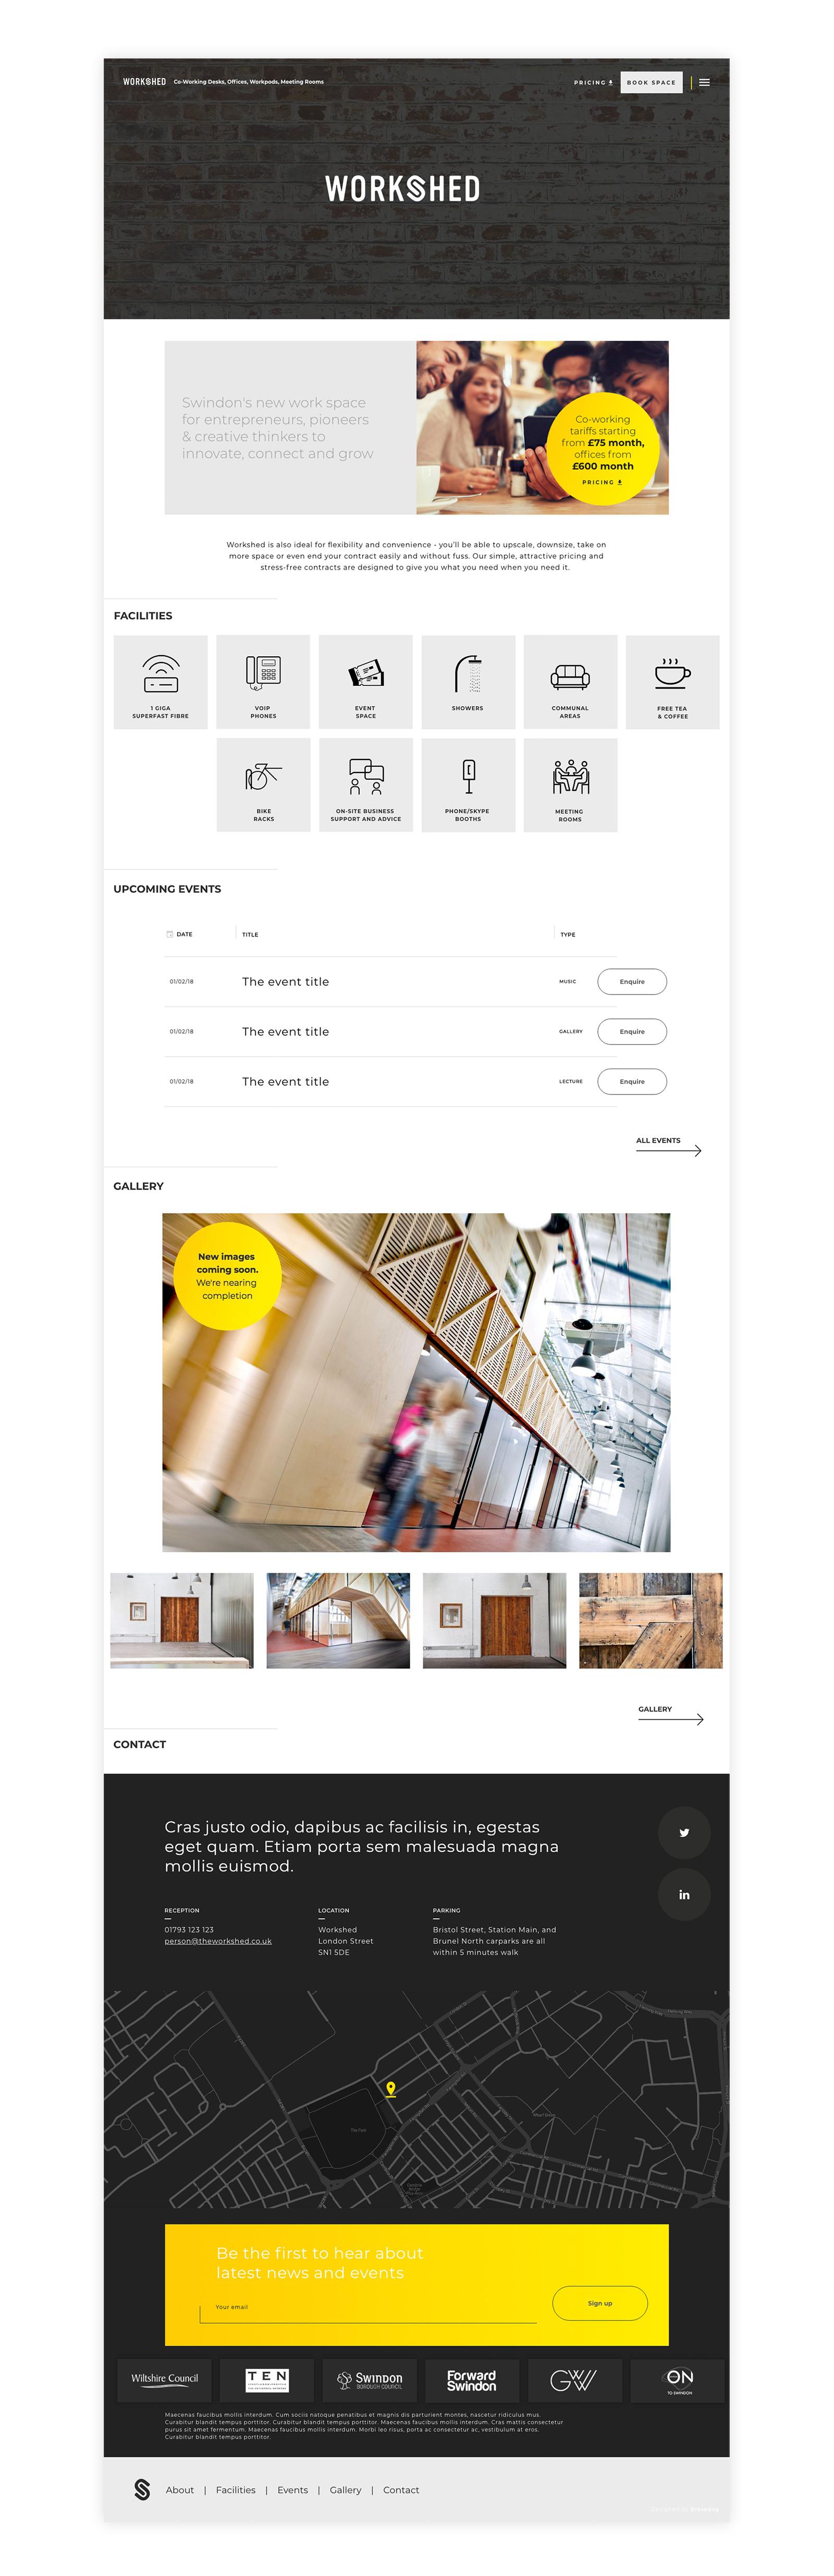 Bravedog designed the Workshed website